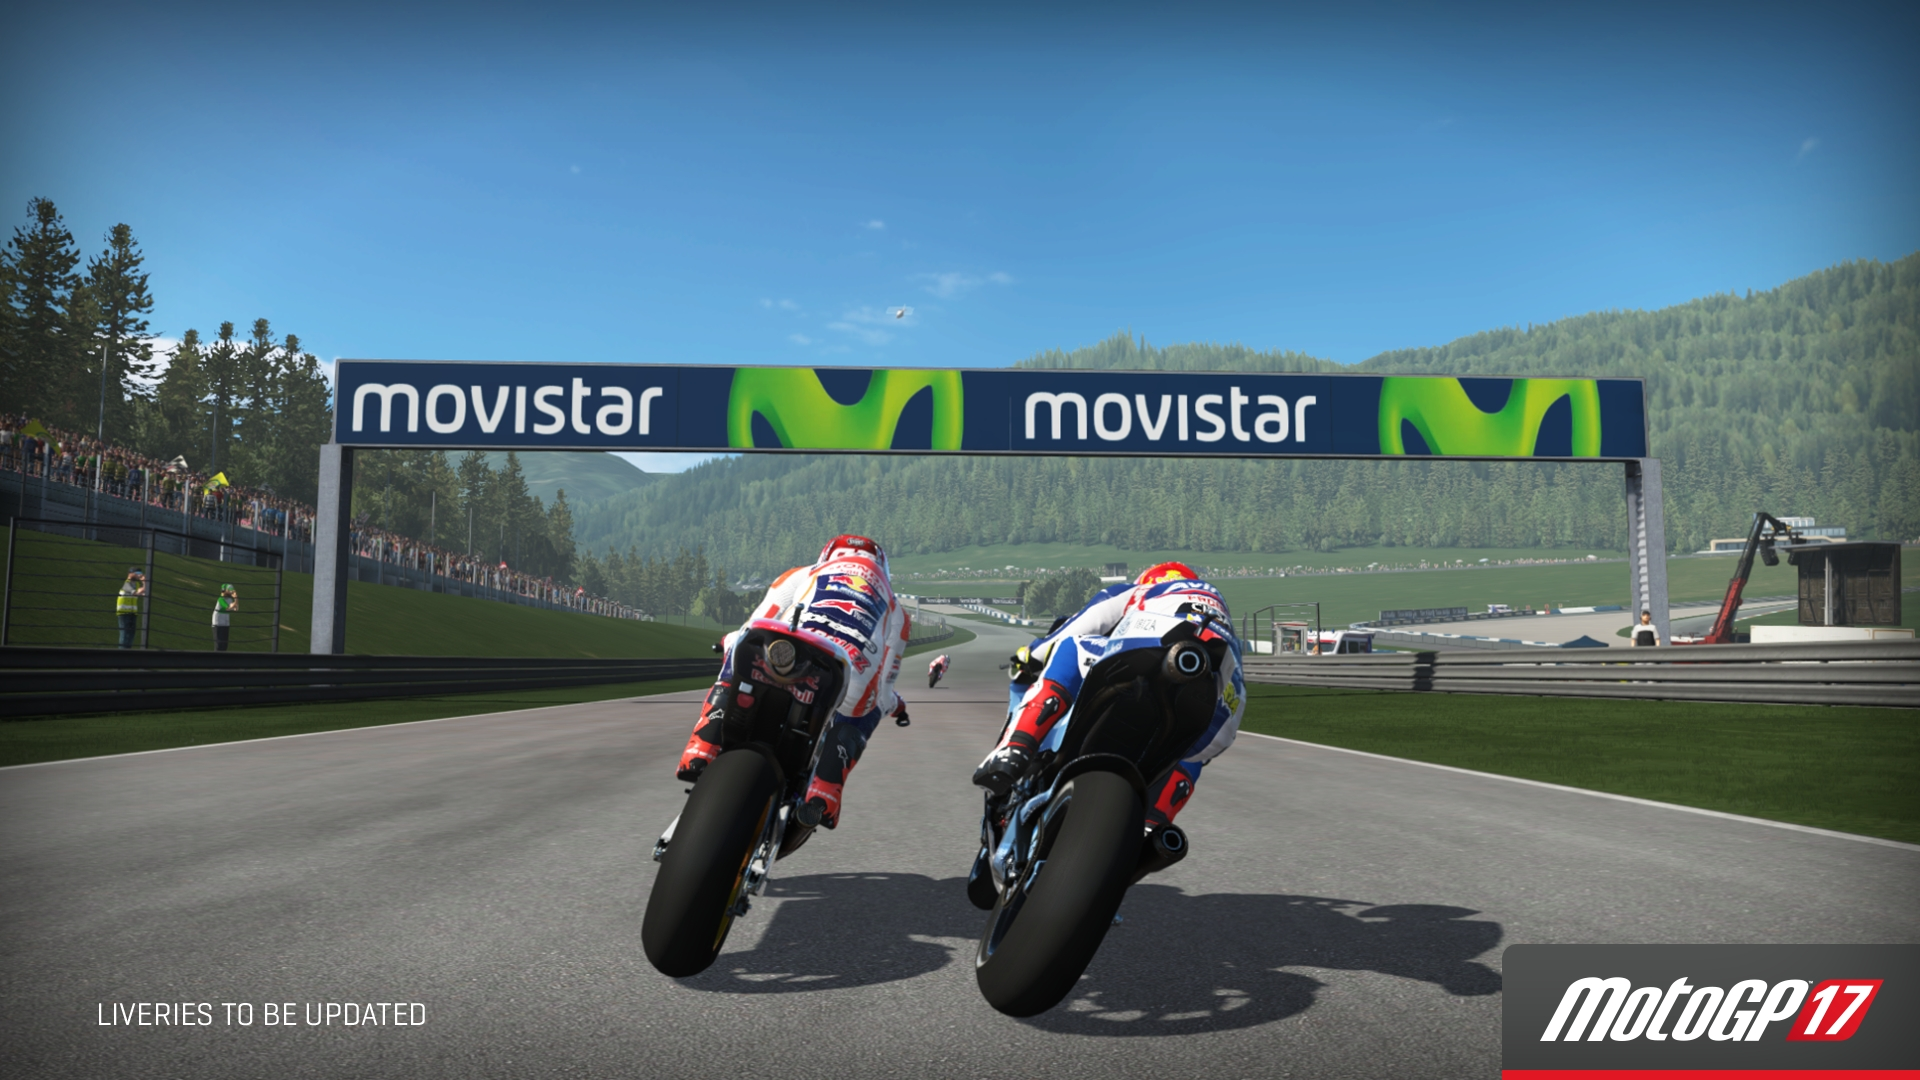 MotoGP 17 poběží při 60 snímcích a přinese nové online módy 139978